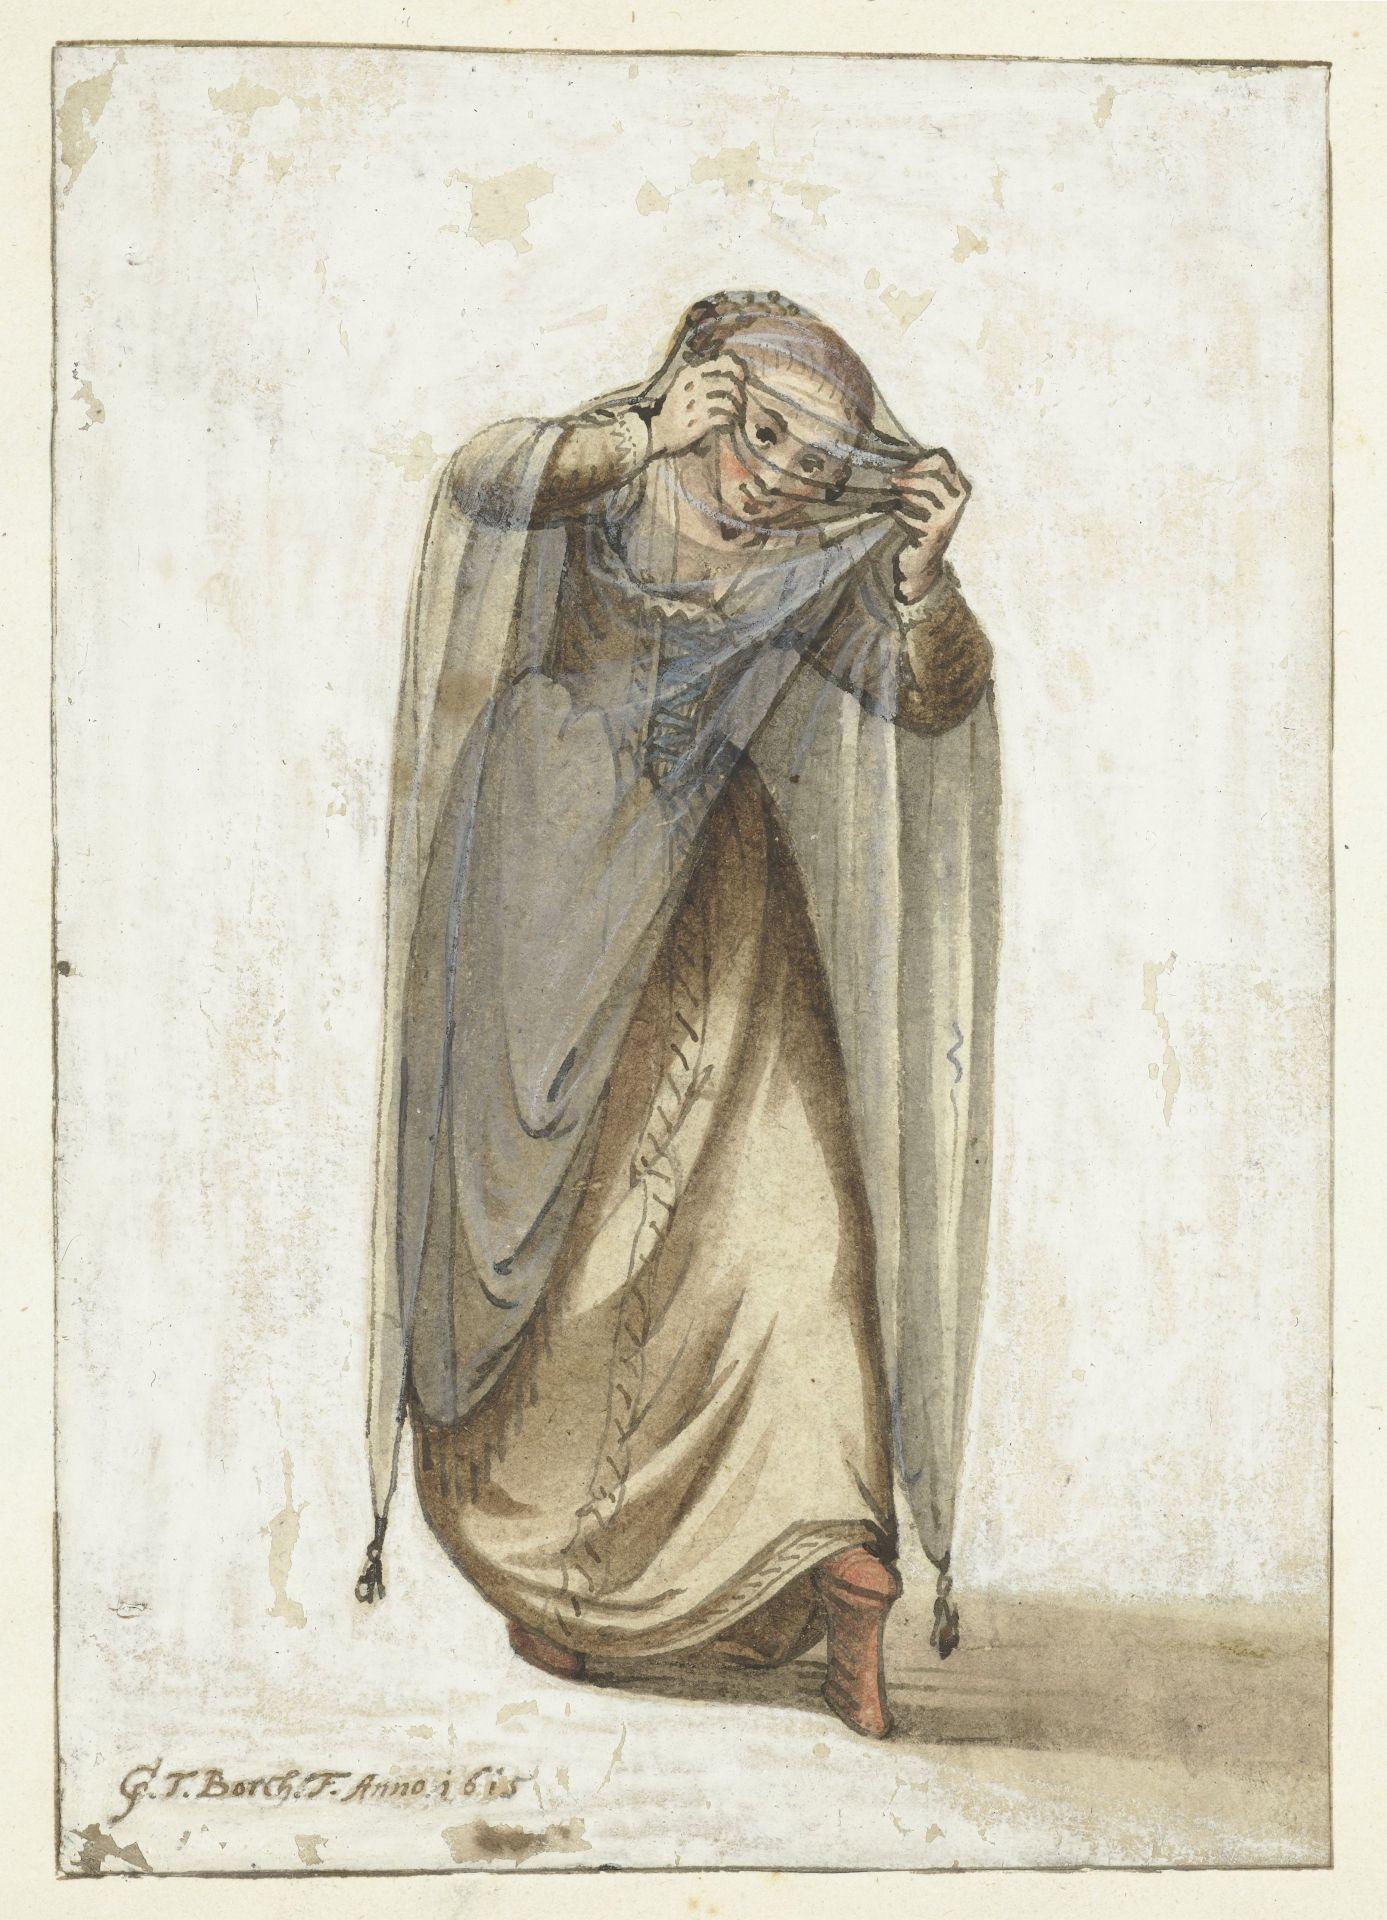 Velencei kurtizán 1660-1670 körül.